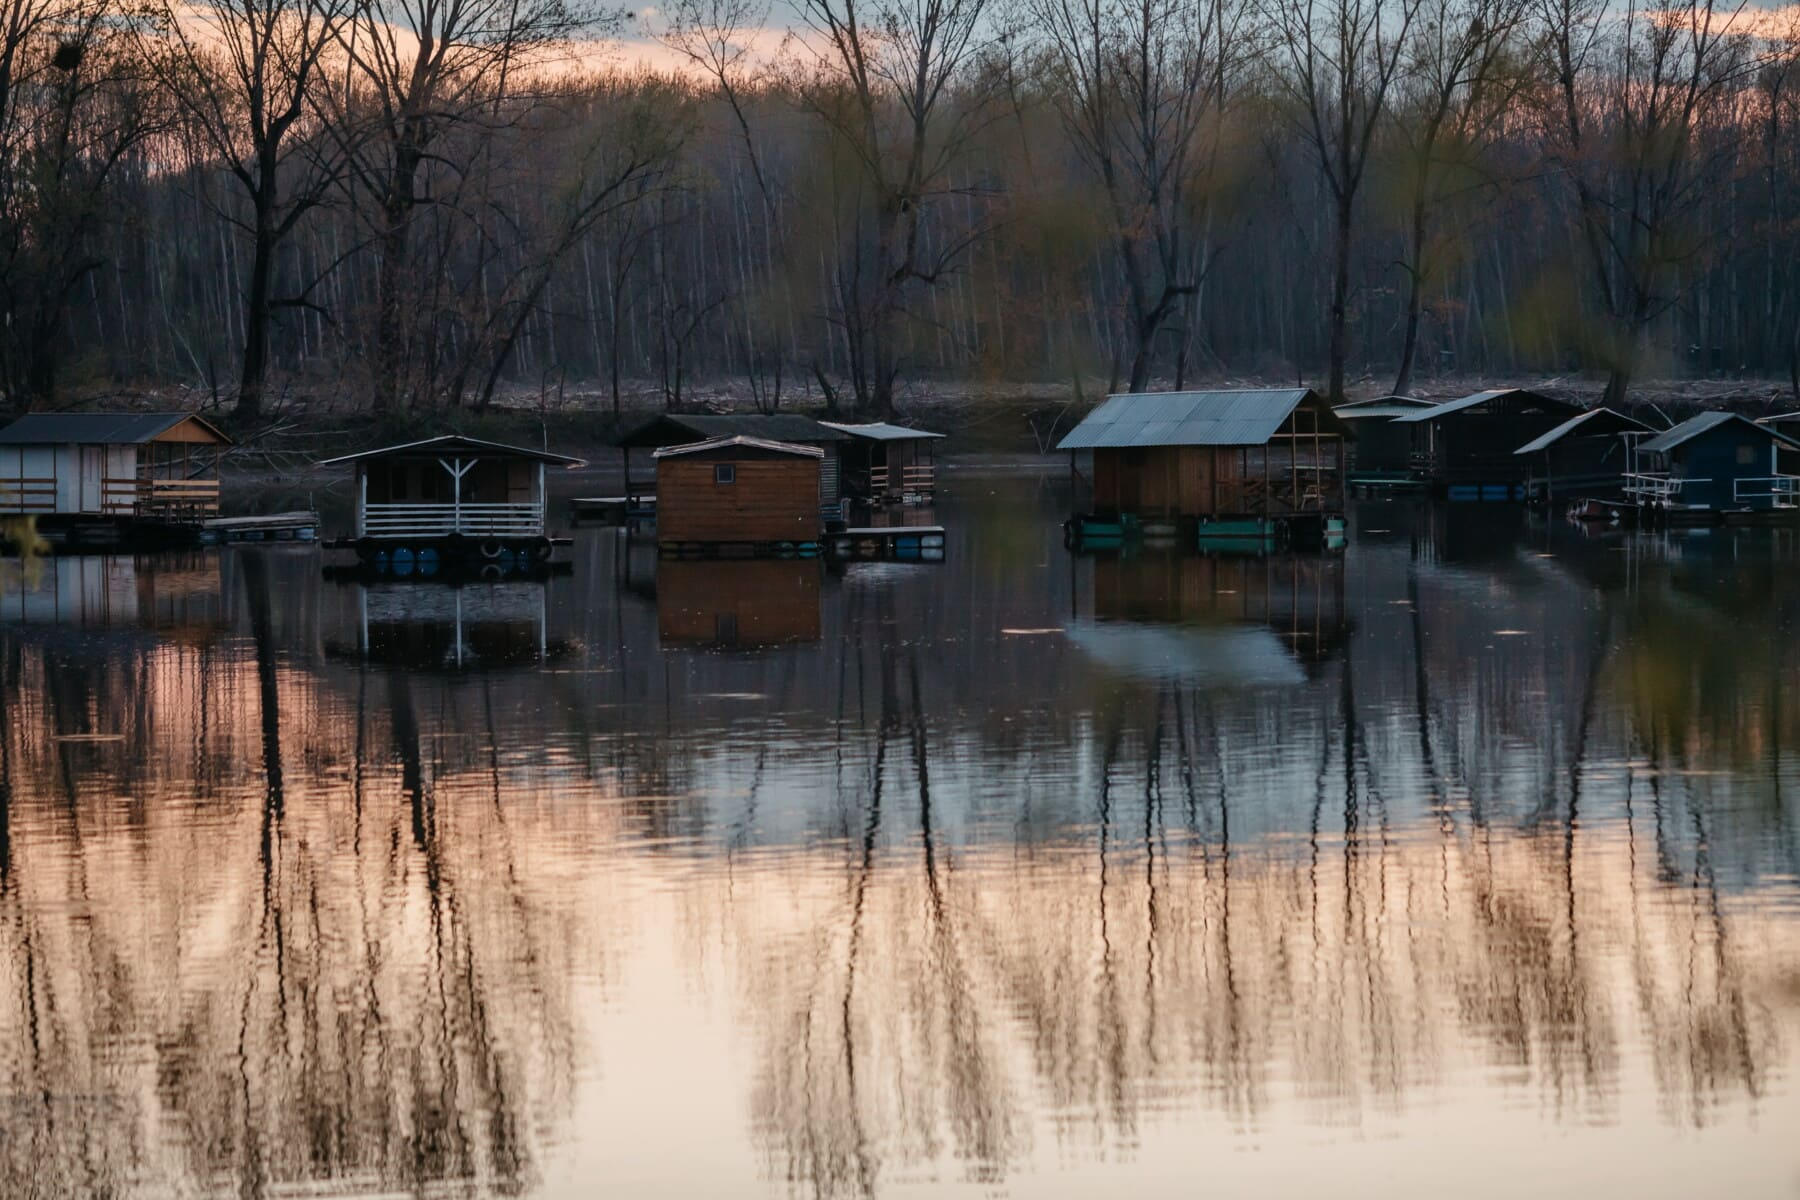 Bootshaus, ruhig, am See, Schuppen, Fluss, Gebäude, Reflexion, See, Wasser, Natur